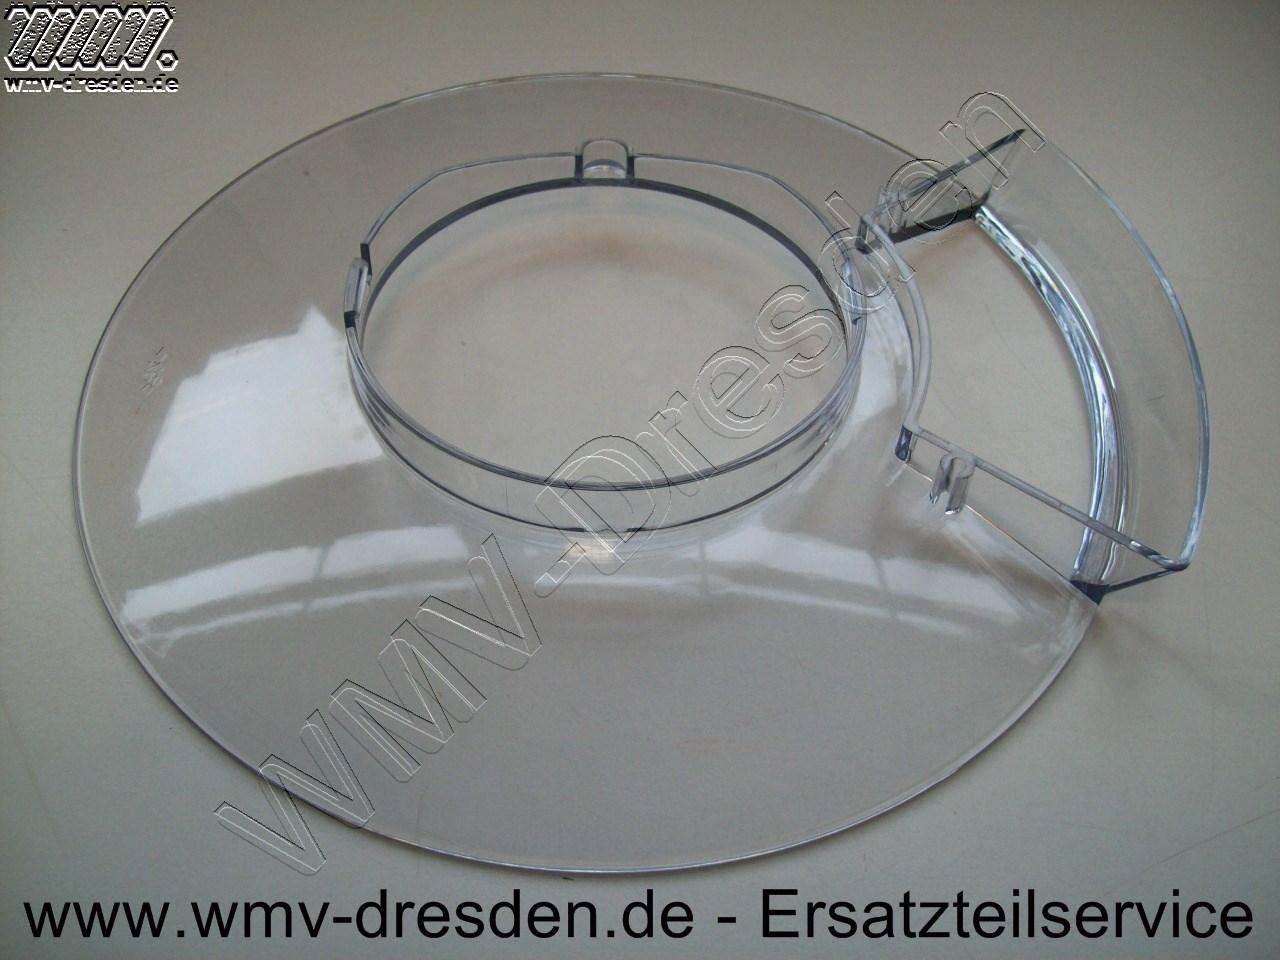 Spritzschutzdeckel für alle Quigg KM 1810  >>> Innendurchmesser 10,7 cm, Maße bitte beachten <<<